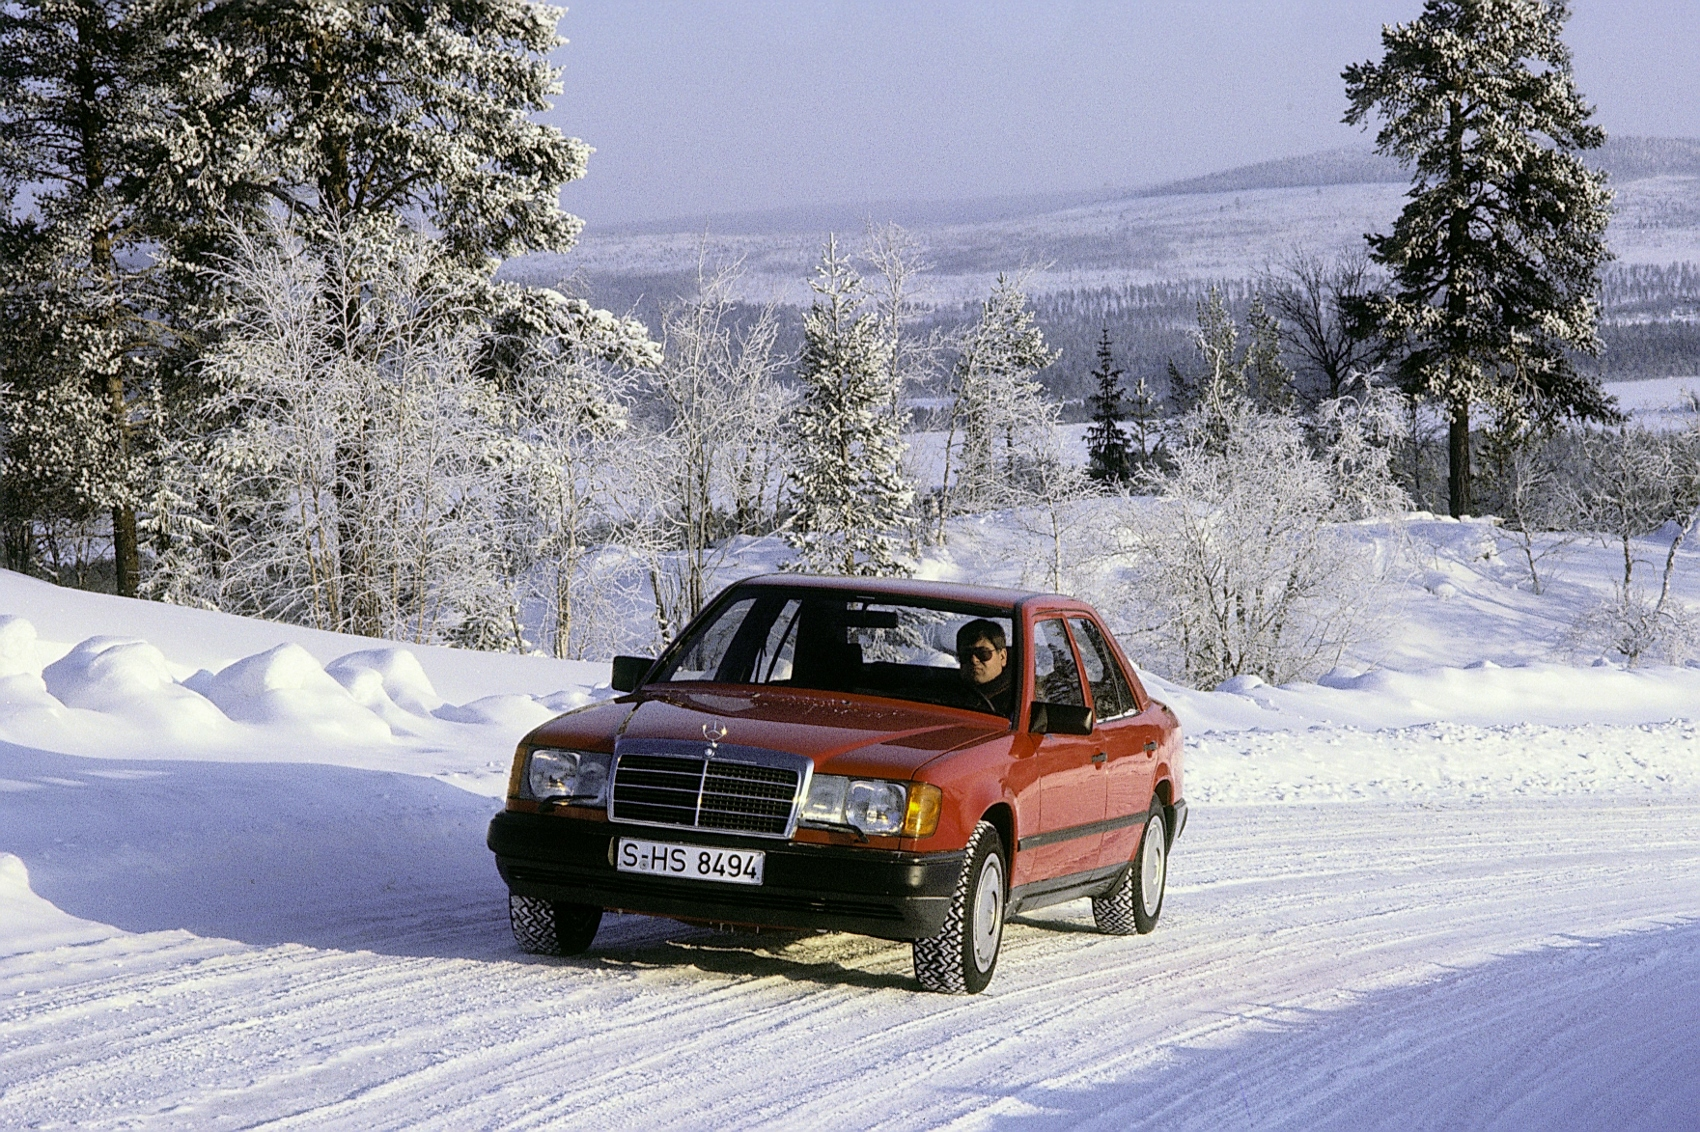 Návrat na autosalón IAA 1985: Mercedes predstavil nové systémy ASD, ASR a 4MATIC 7zRlpz5BrZ 85f406-1